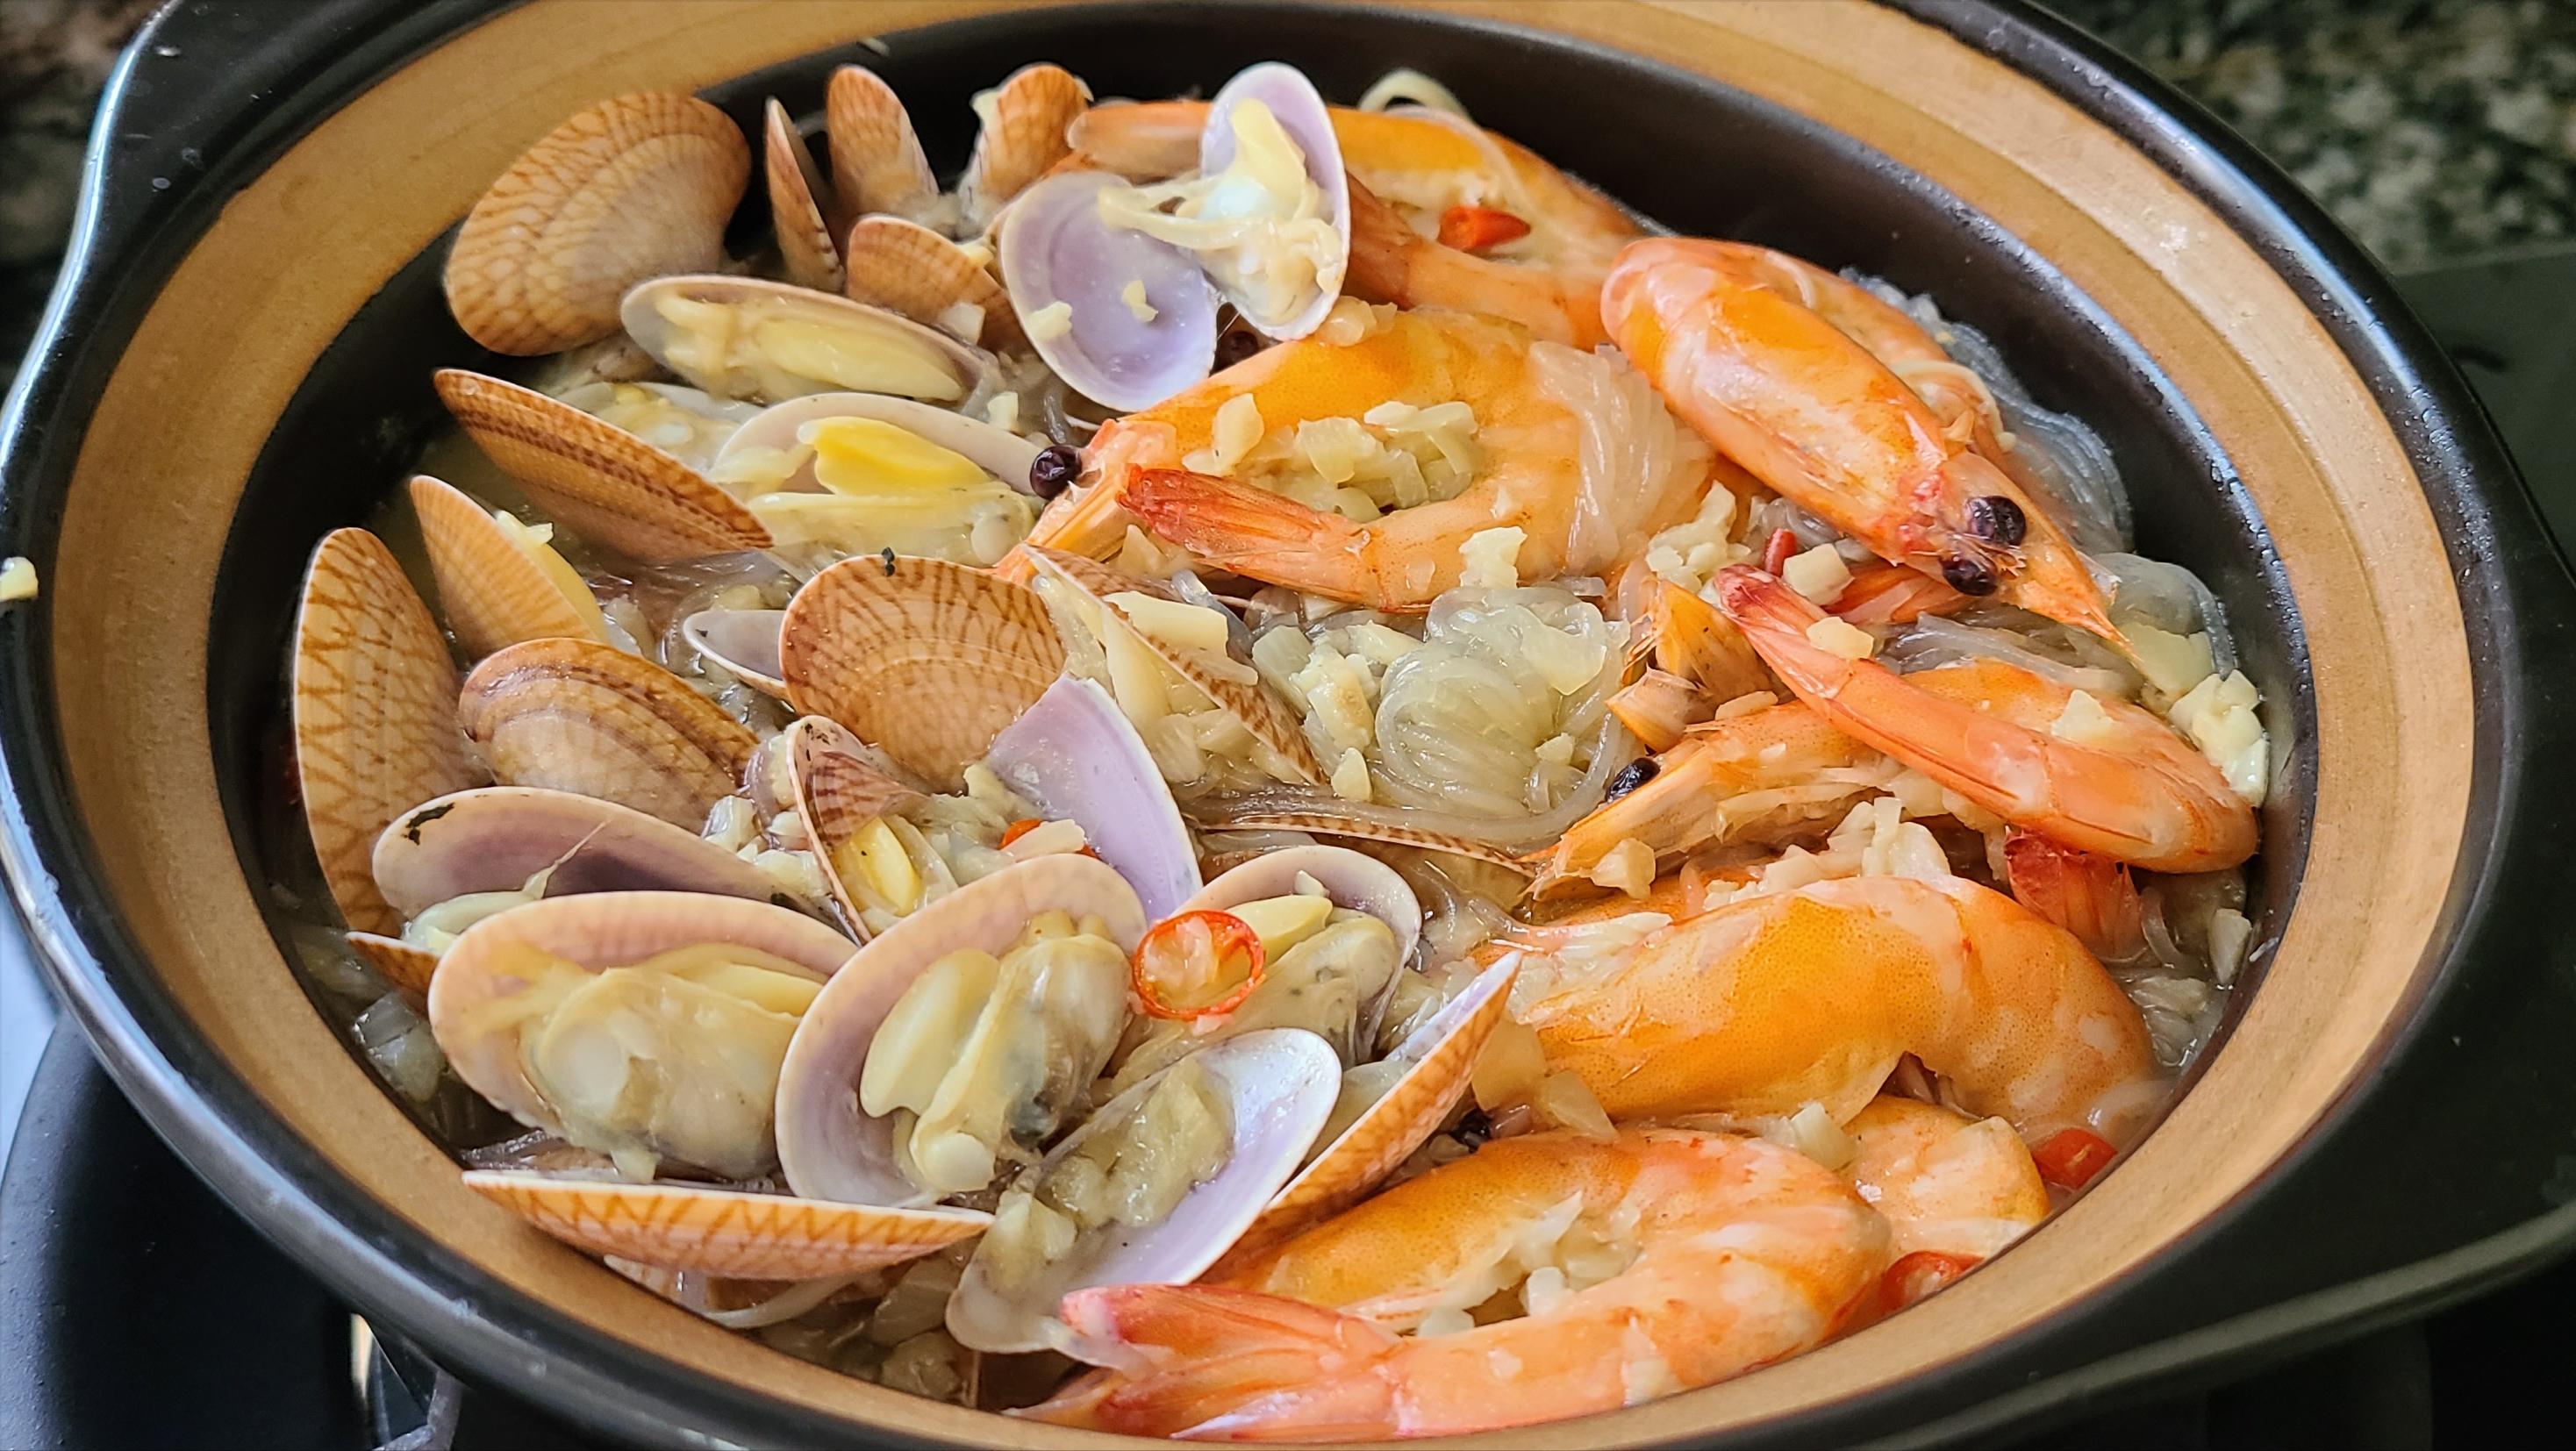 廣東人都愛吃這一道海鮮粉絲煲,味道鮮美,吃過的人都說好